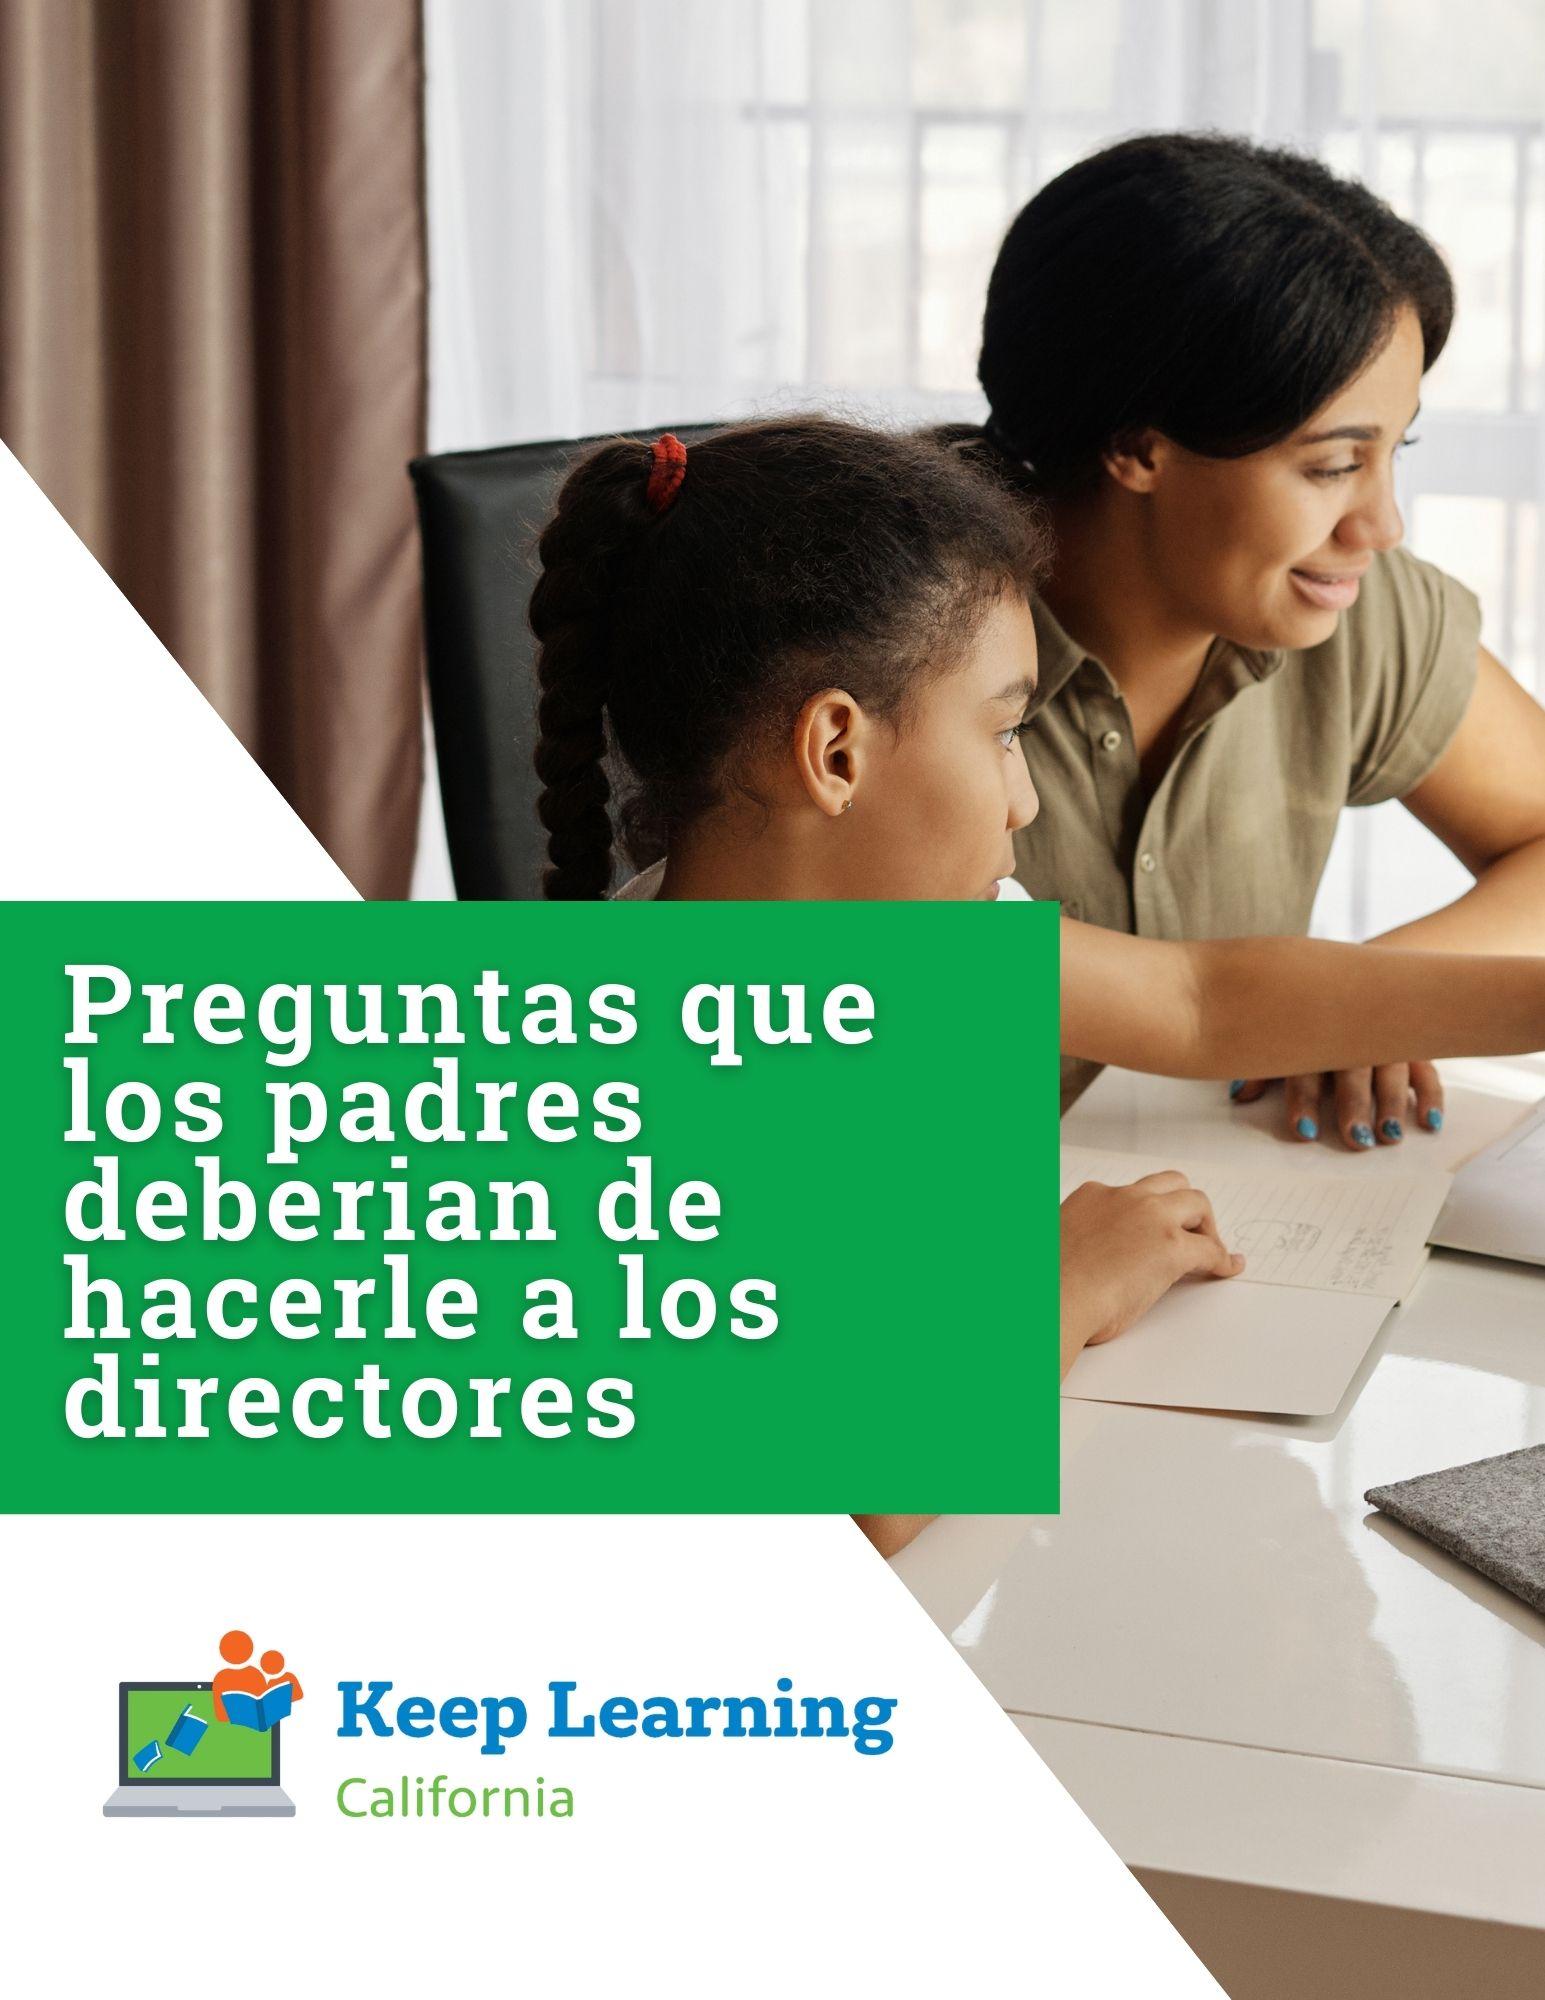 PDF – Preguntas que los padres deberian de hacerle a los directores